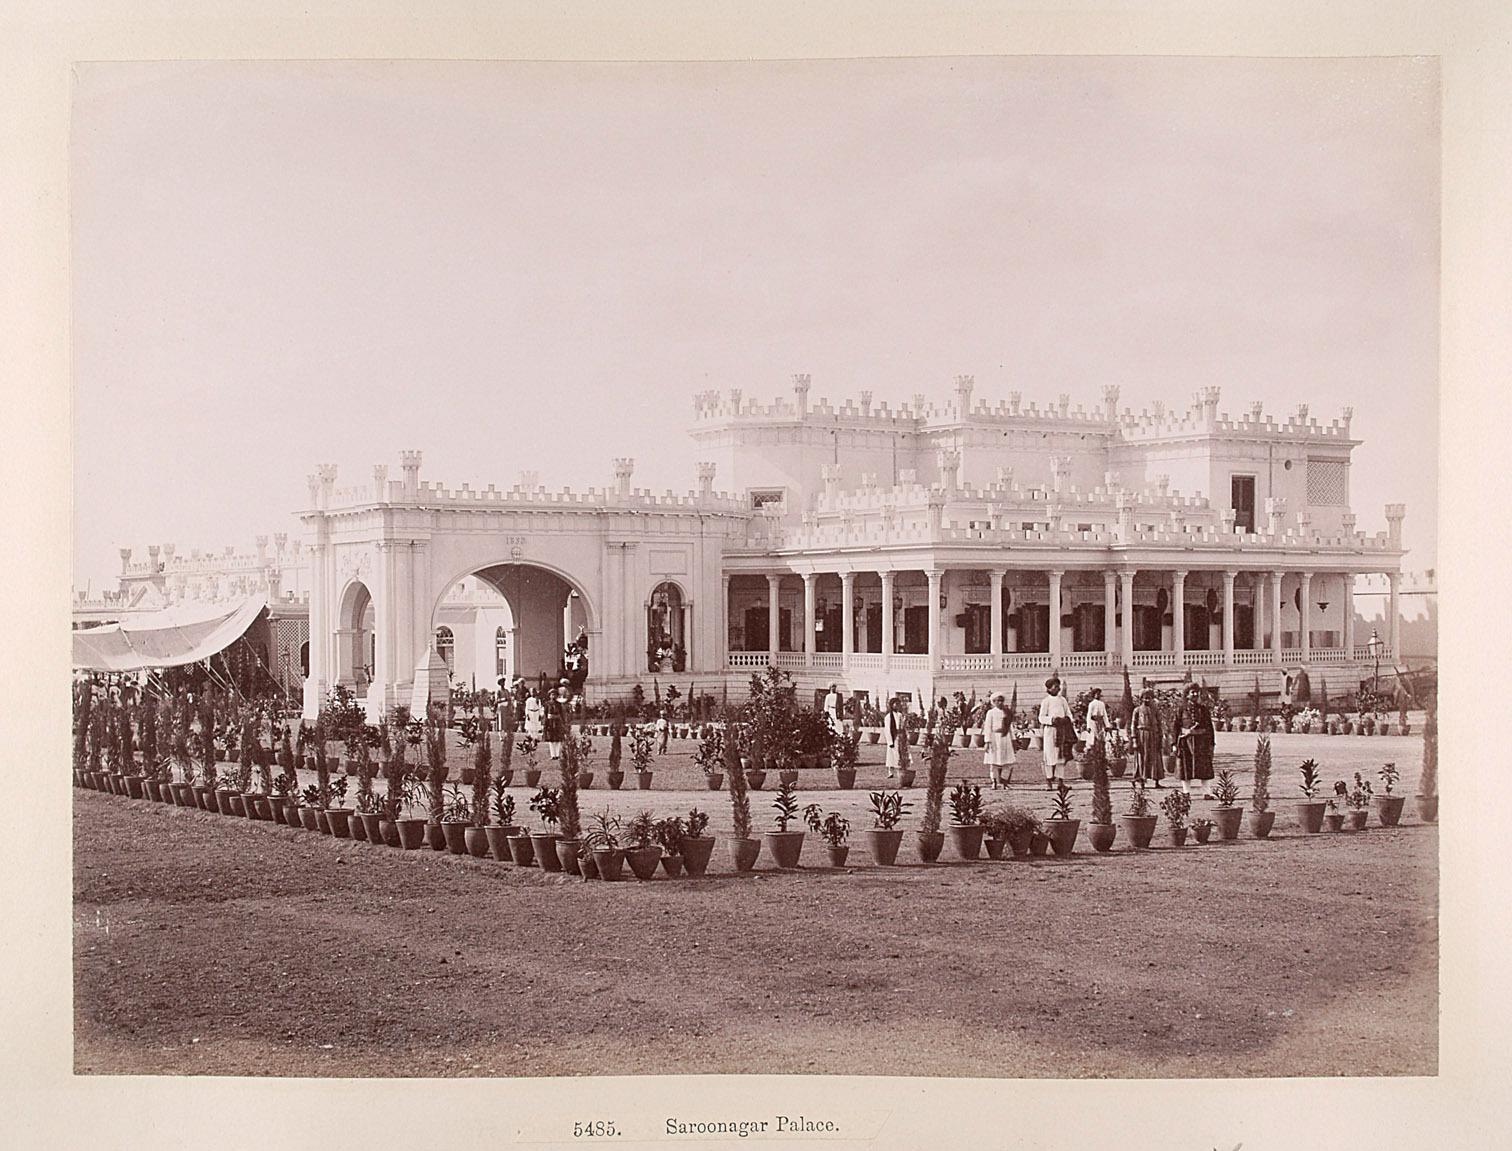 Hyderabad: Saroonagar Palast von Lala Deen Dayal